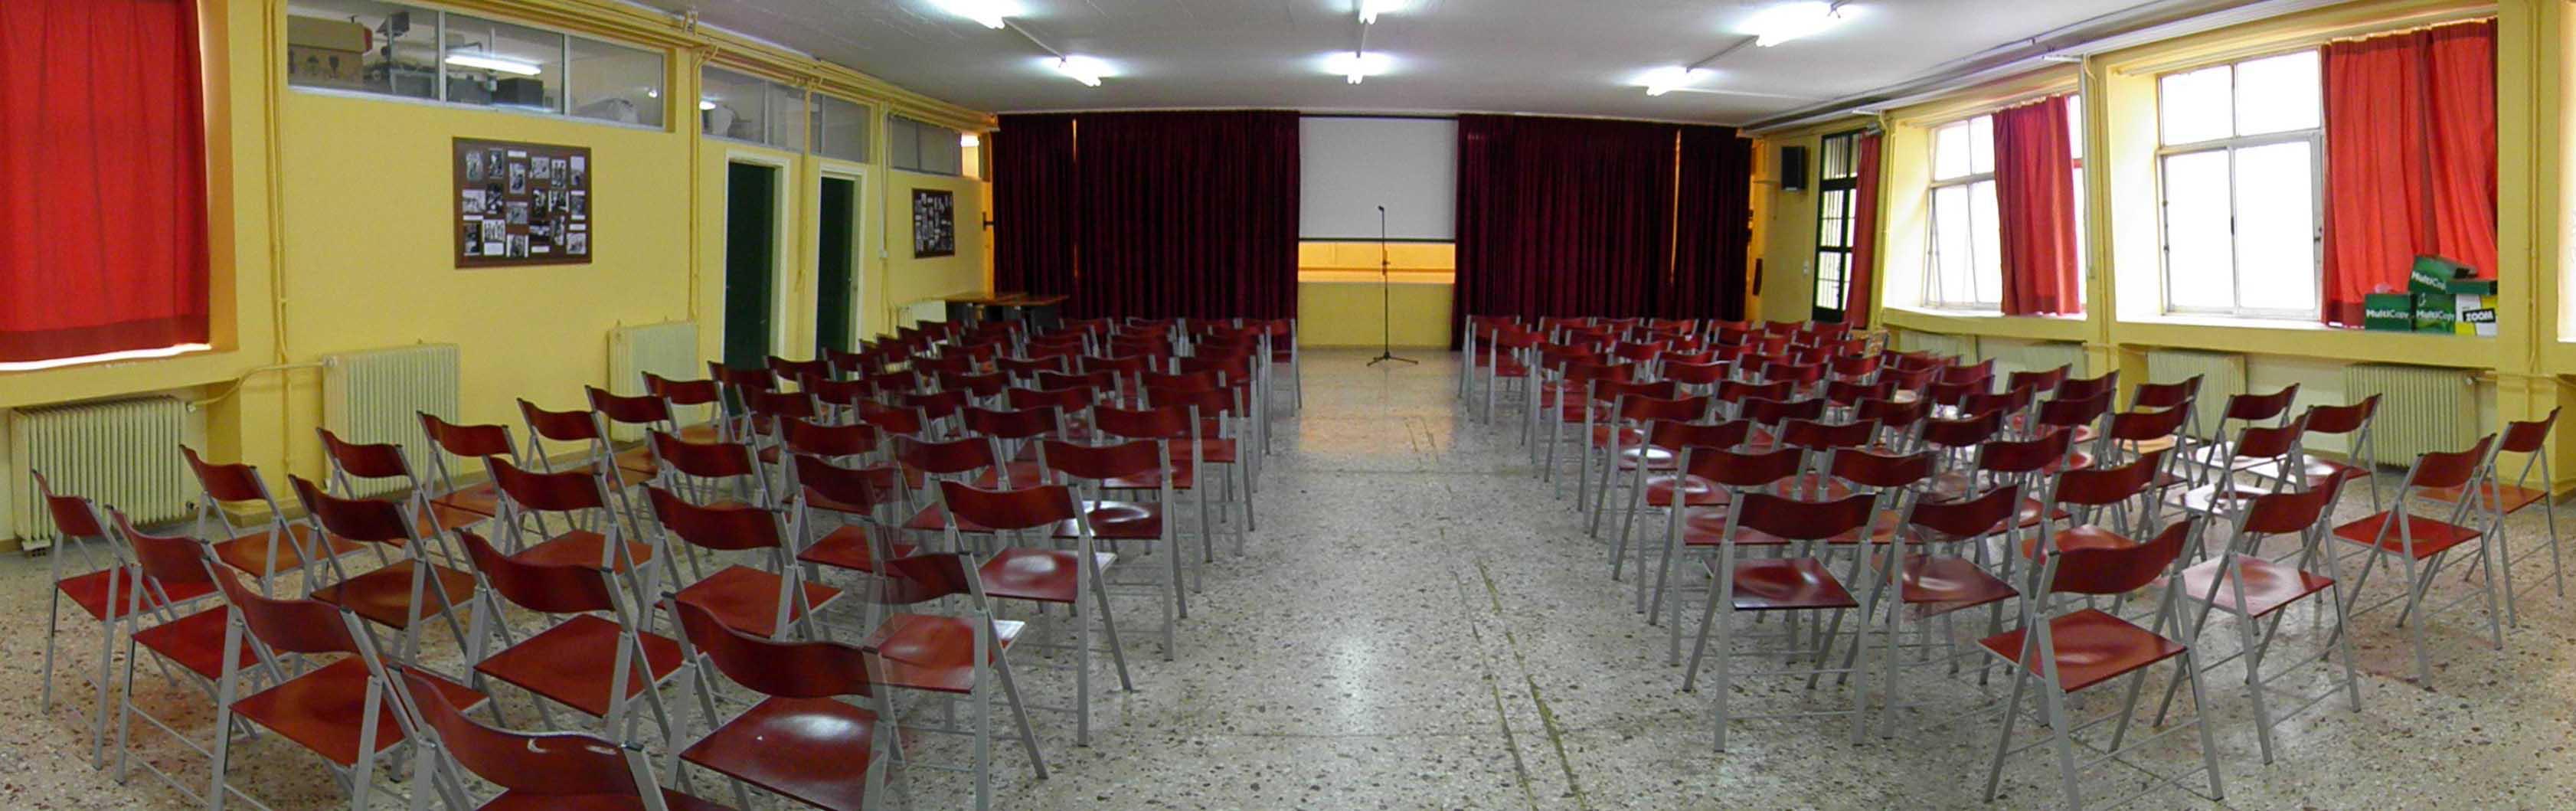 Αμφιθέατρο